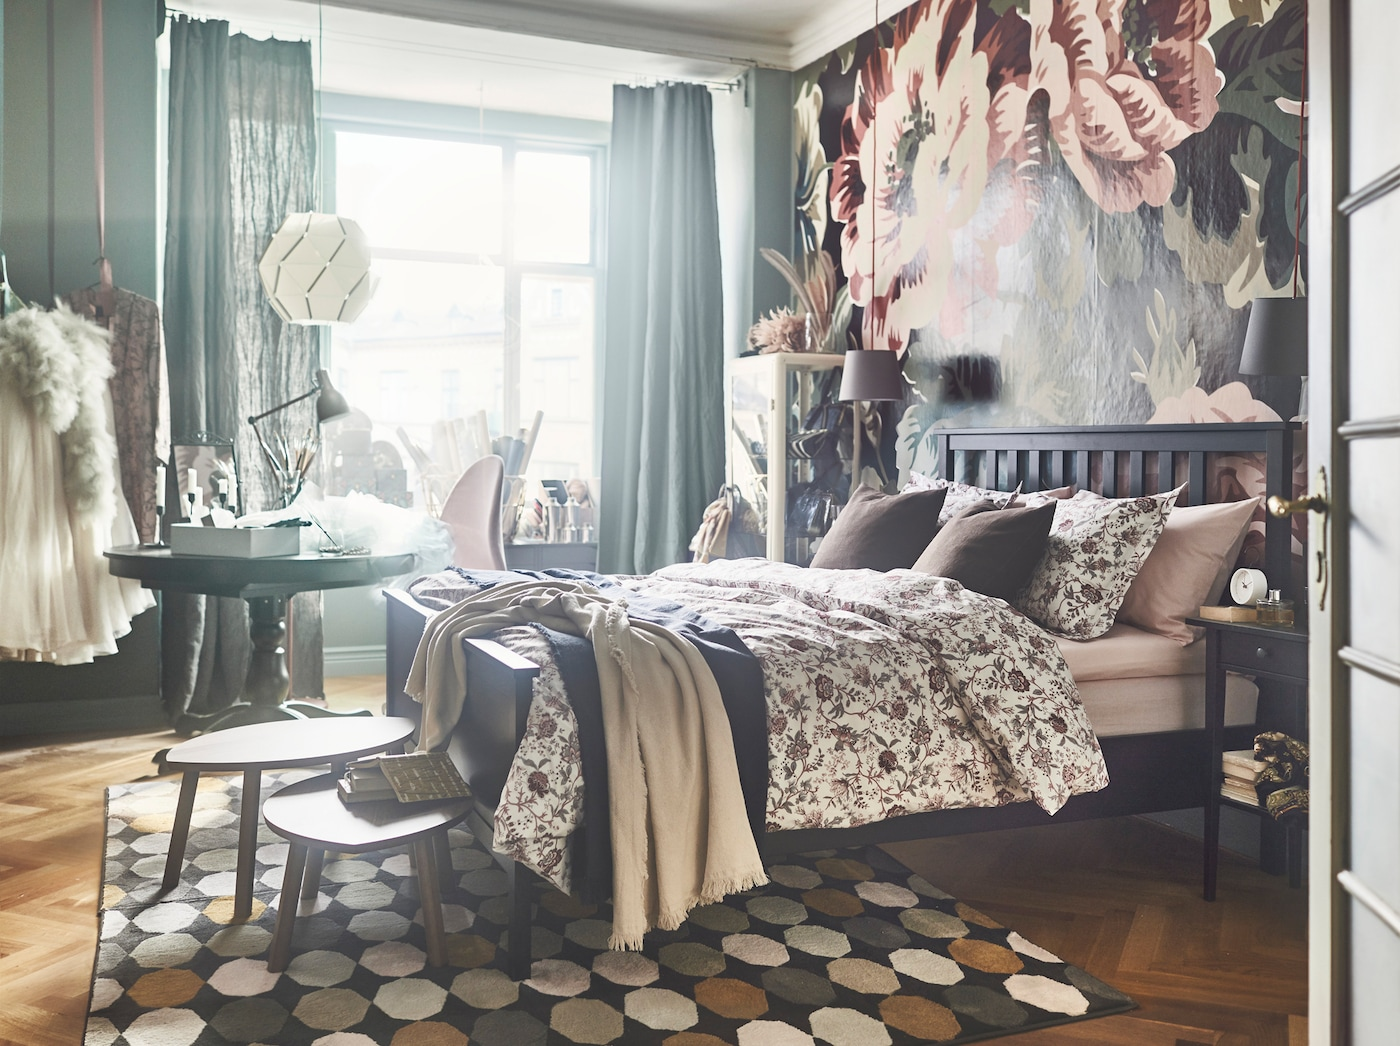 O sommier DUNVIK da IKEA tem molas ensacadas que apoiam o corpo nos sítios certos. Complete com a capa de edredão e fronha SPRÄNGÖRT de algodão num padrão floral para obter uma sensação primaveril.